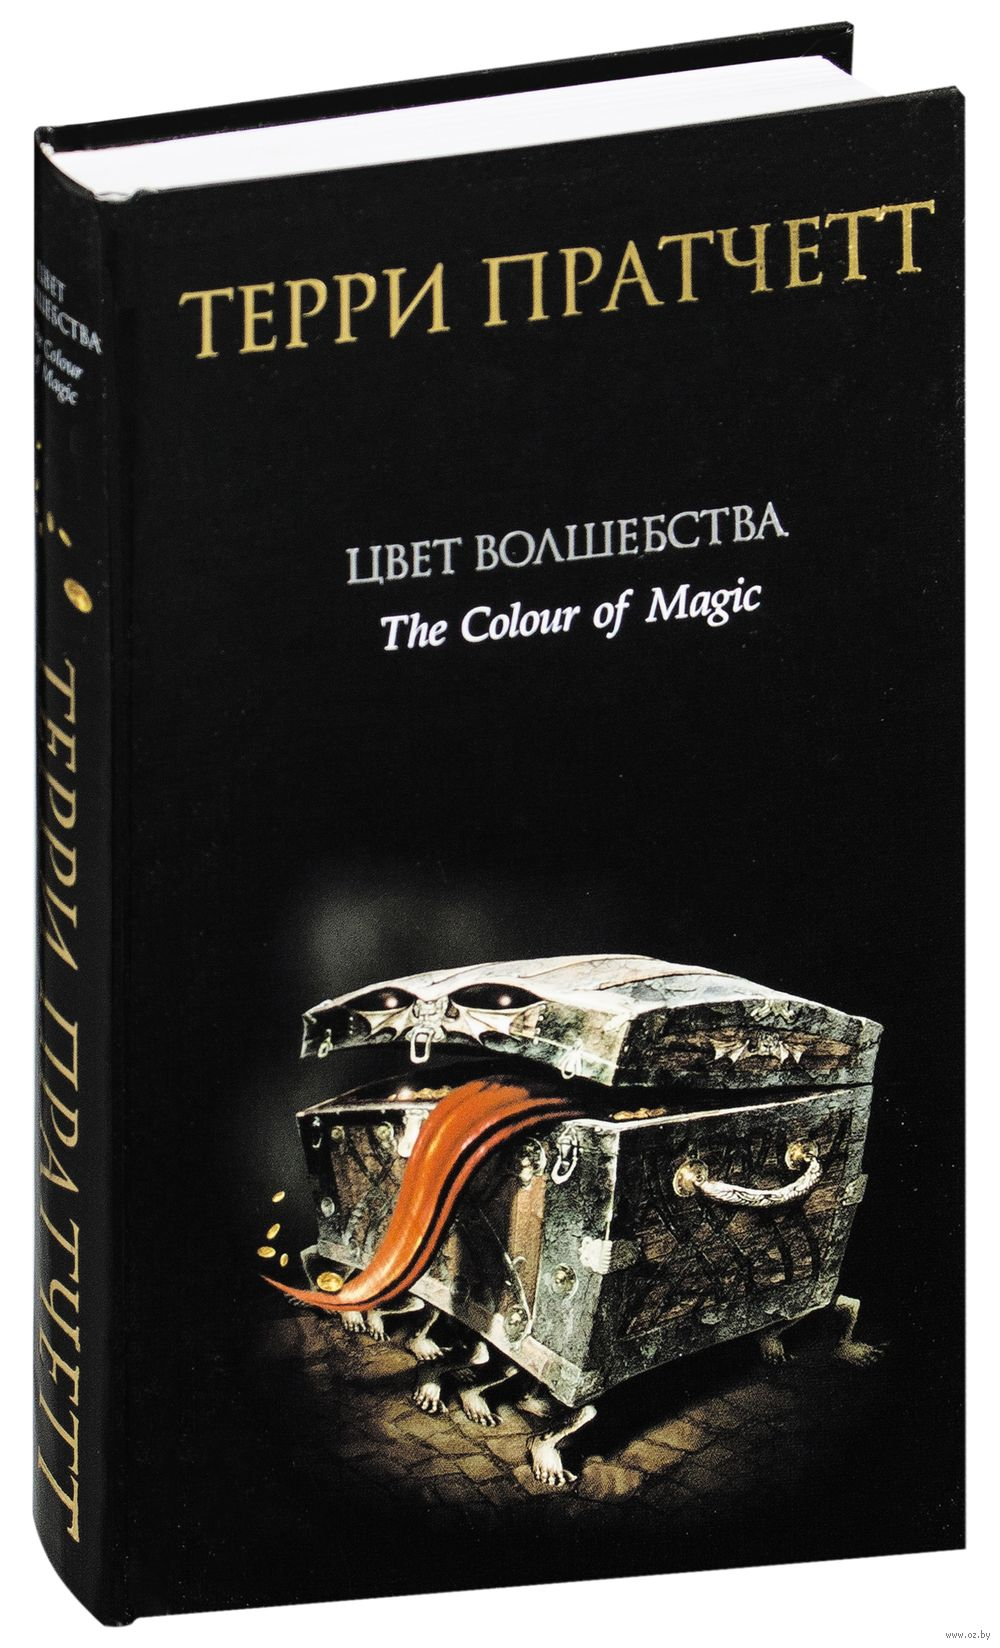 Скачать бесплатно книгу терри пратчетт цвет волшебства